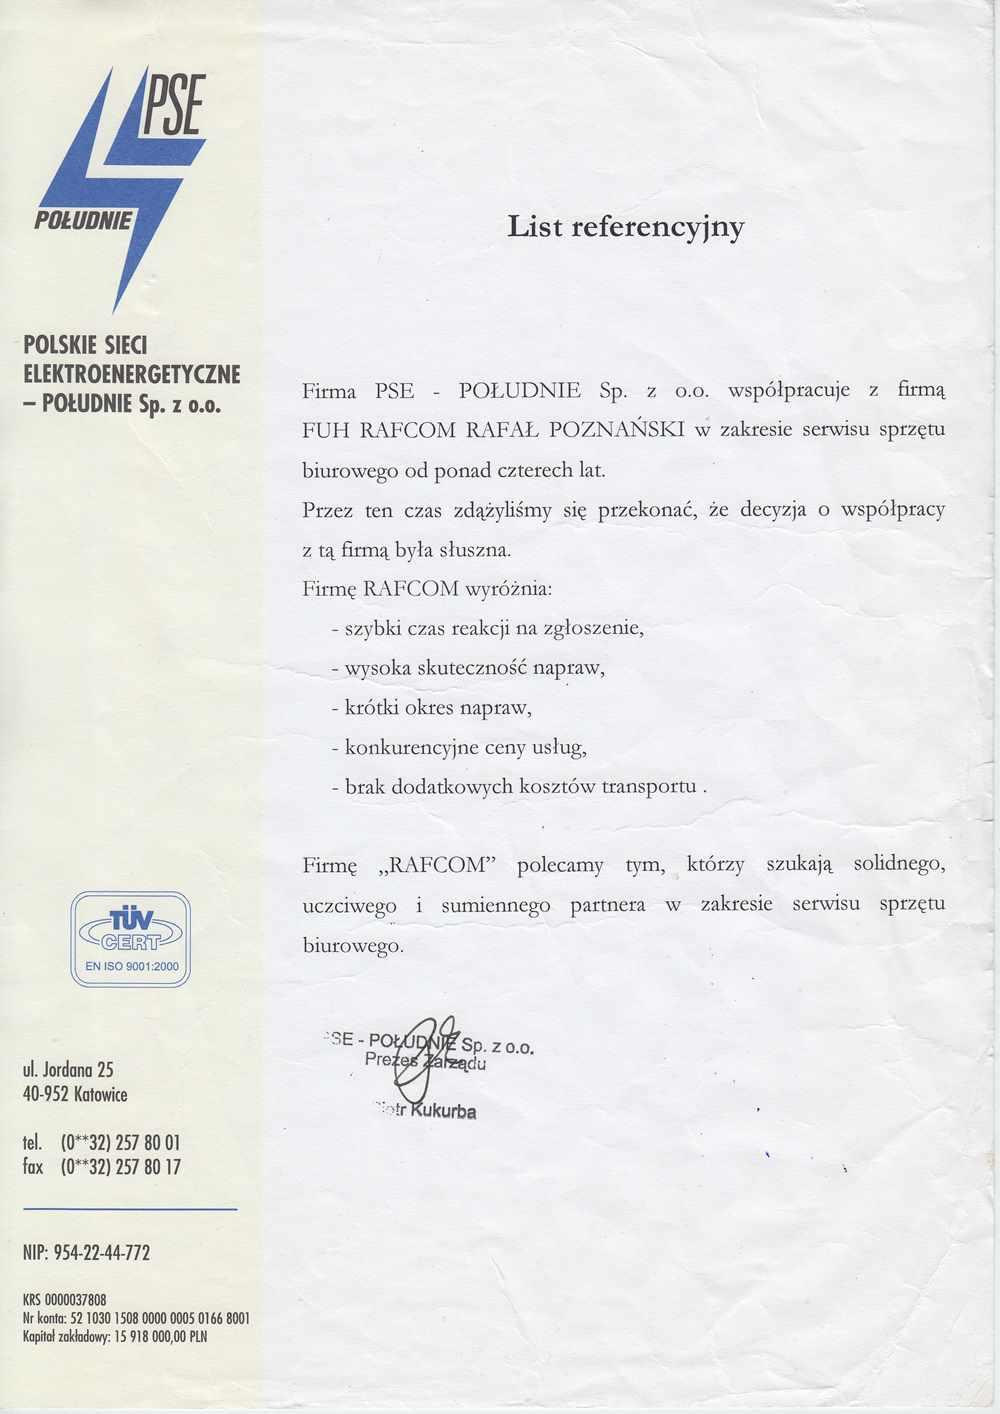 List referencyjny dla firmy Rafcom Katowice